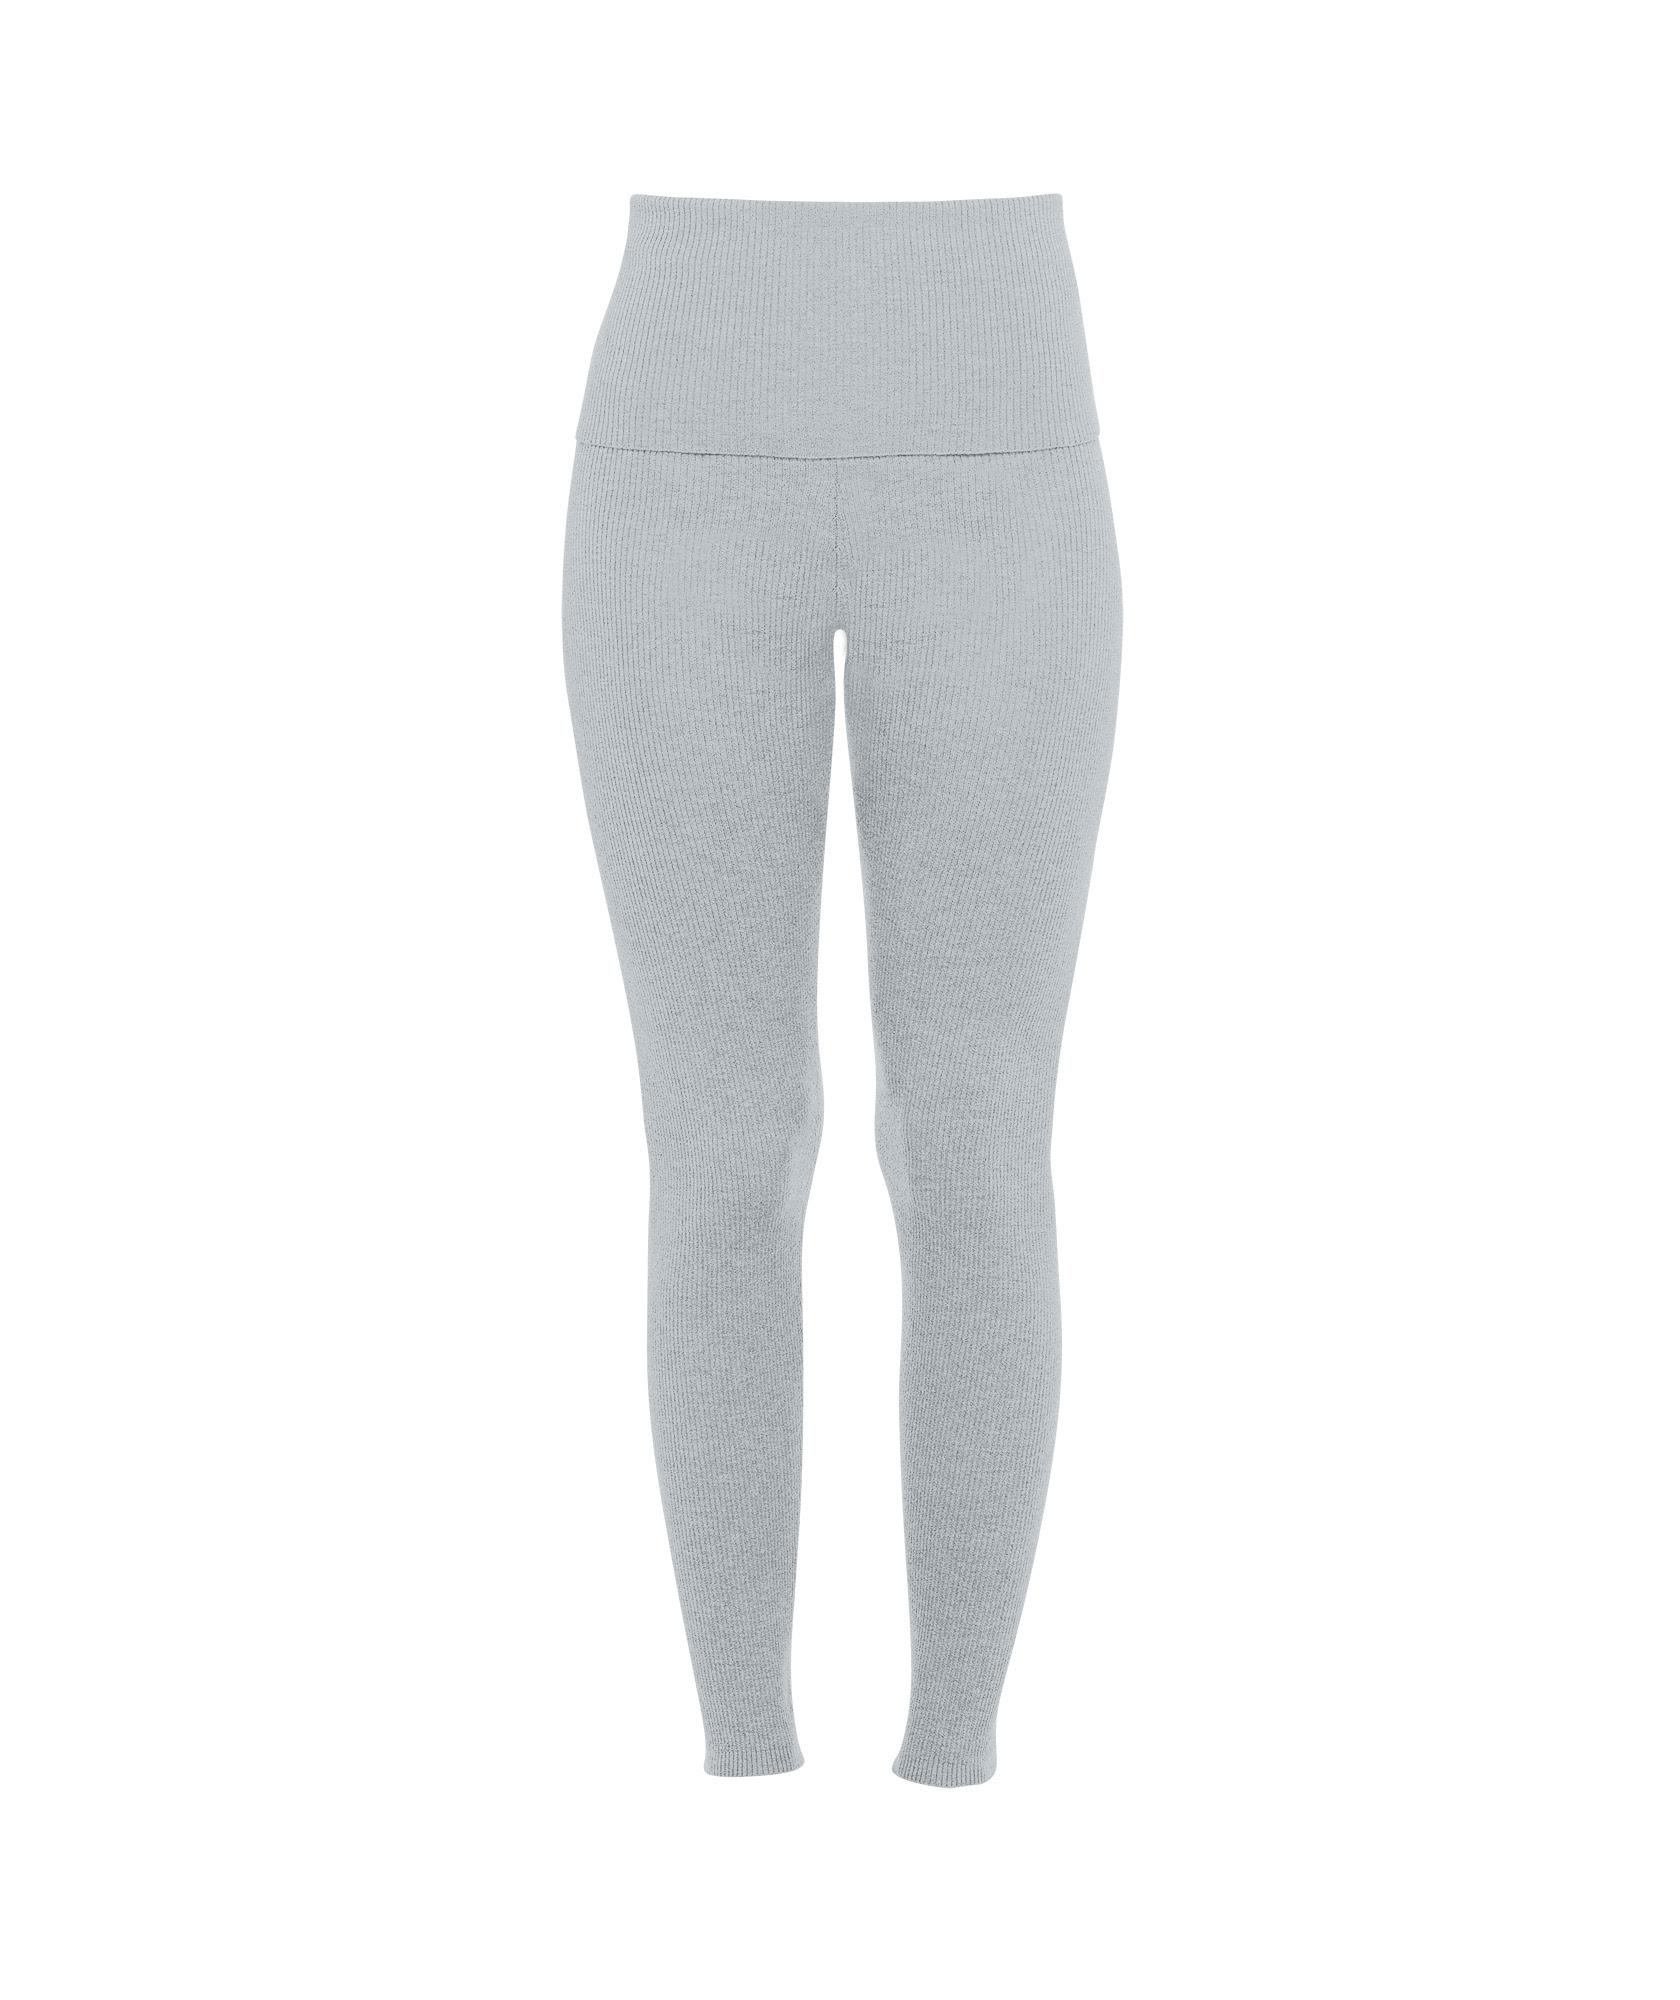 d368d479 941f 447c a287 7be869f079e9 - Kaia Gerber tiene la selección de prendas y calzado perfectos para hacer deporte en casa